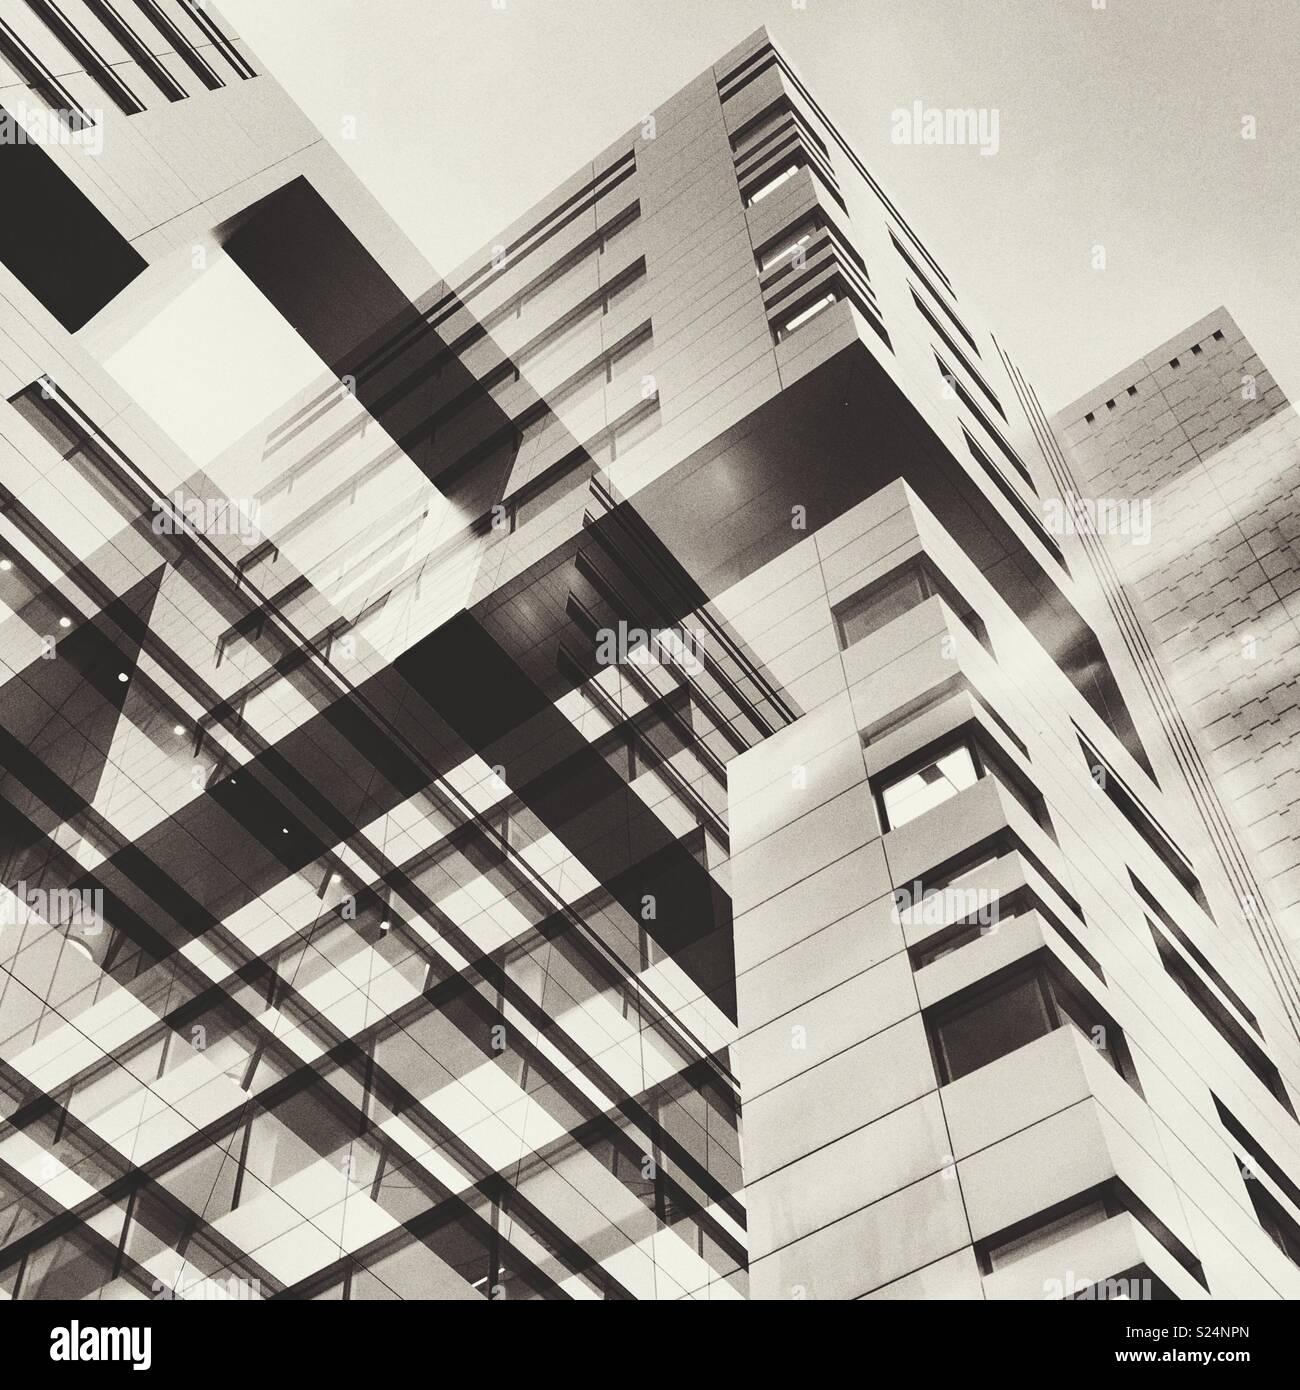 Résumé des bâtiments de la ville Photo Stock